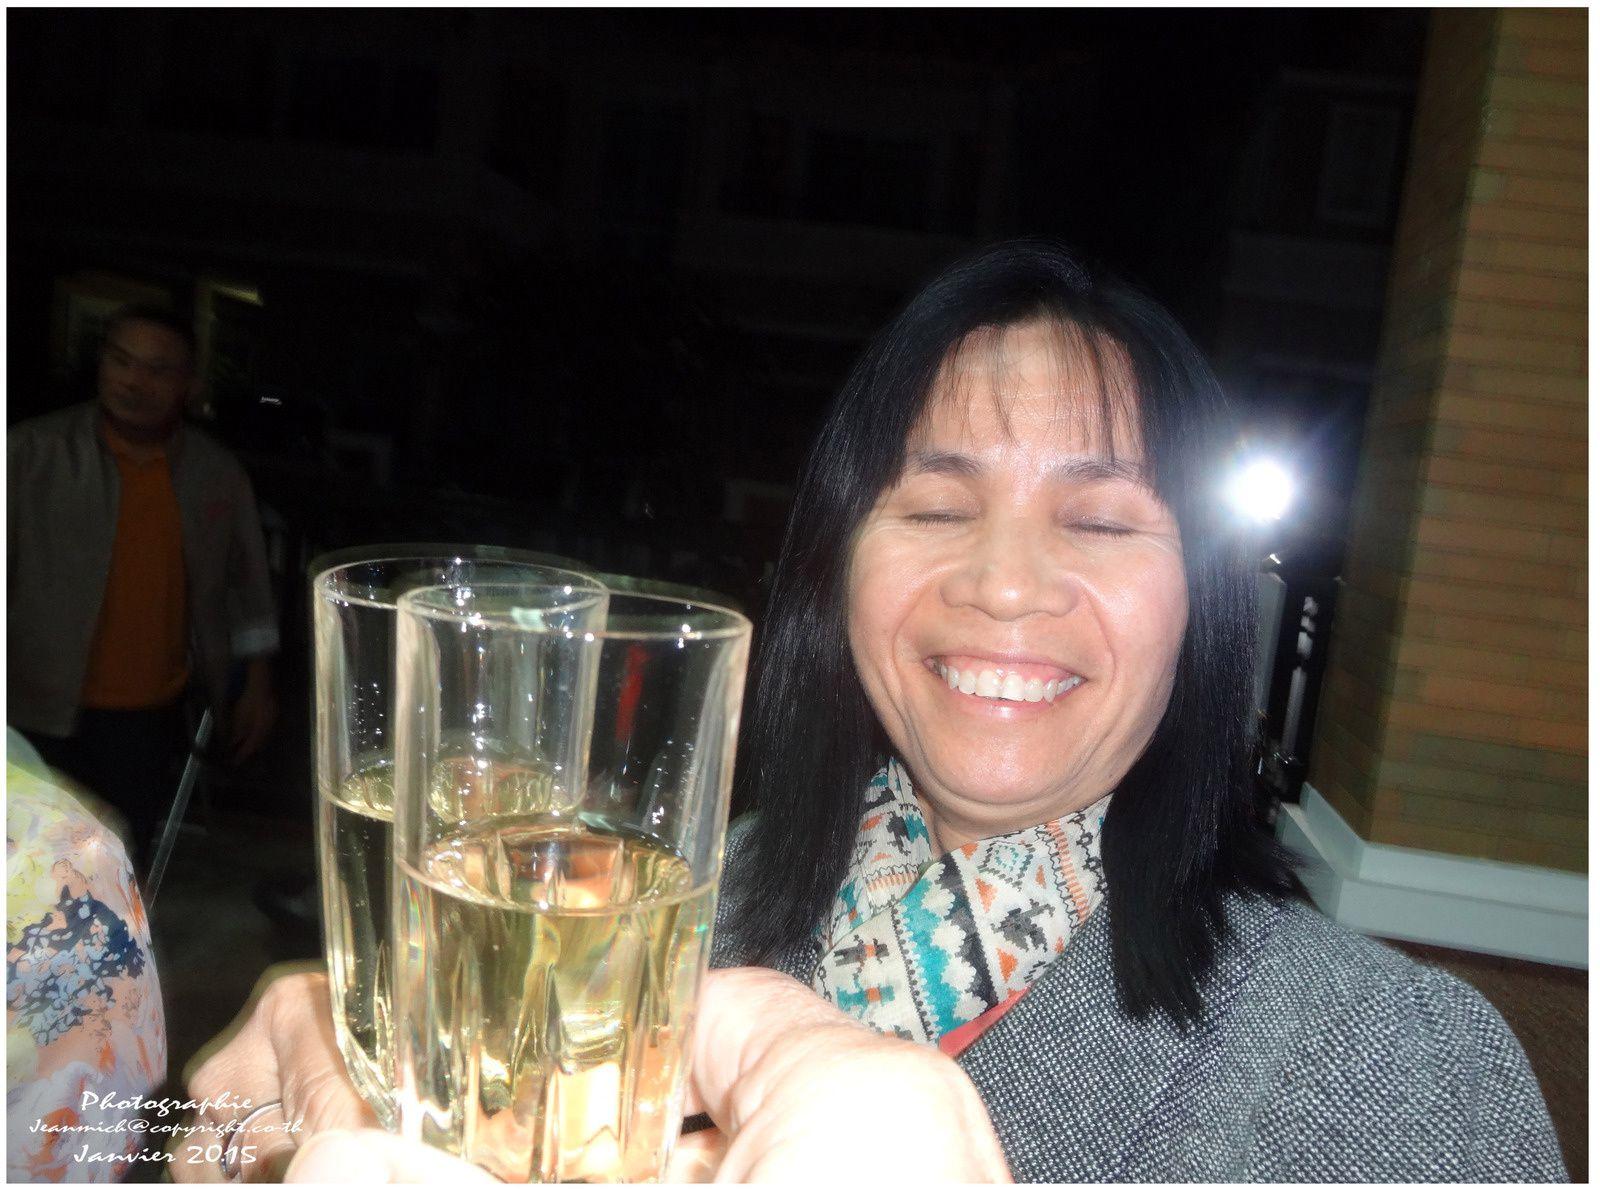 De souhaiter une bonne santé et du bonheur pour tous en cette nouvelle année... à choix 2015 ou 2558....